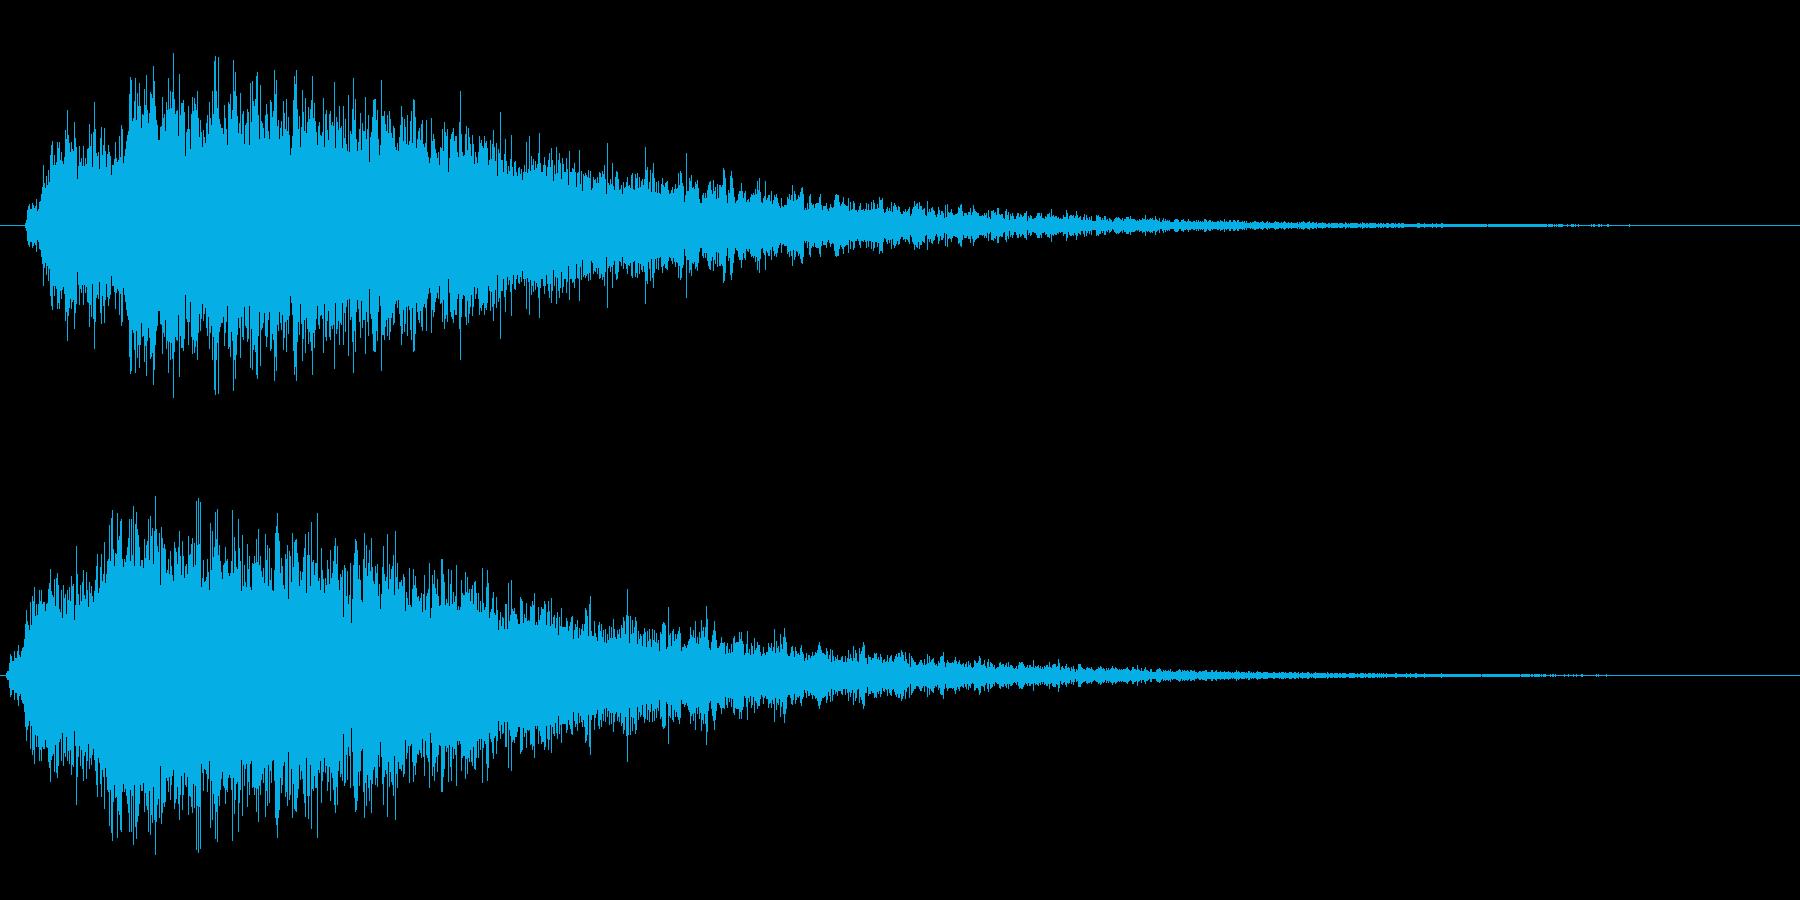 シュウーン(近未来的な音の効果音)の再生済みの波形